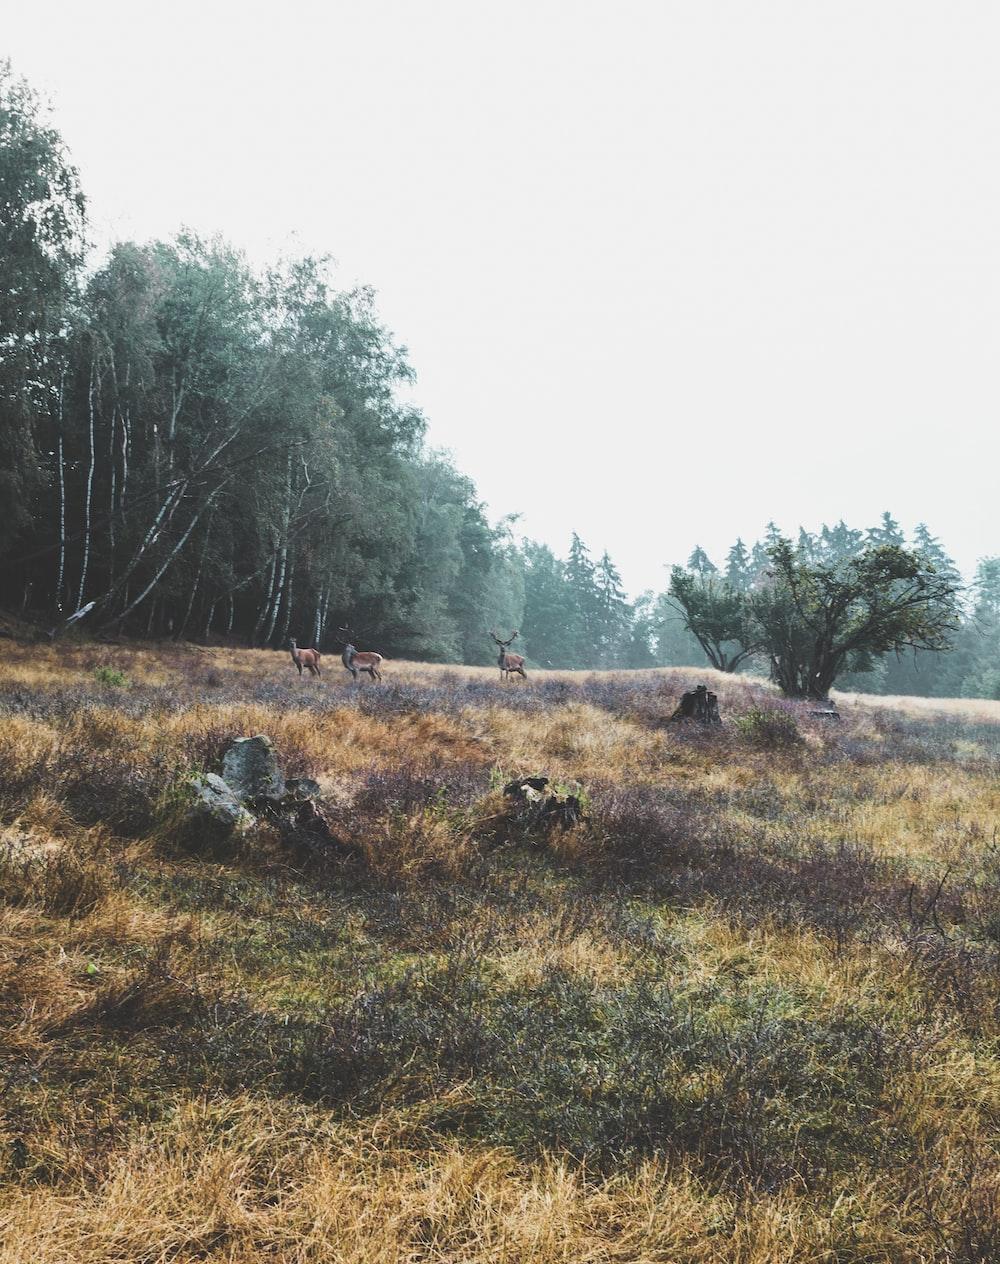 three brown deers eating grasses near trees